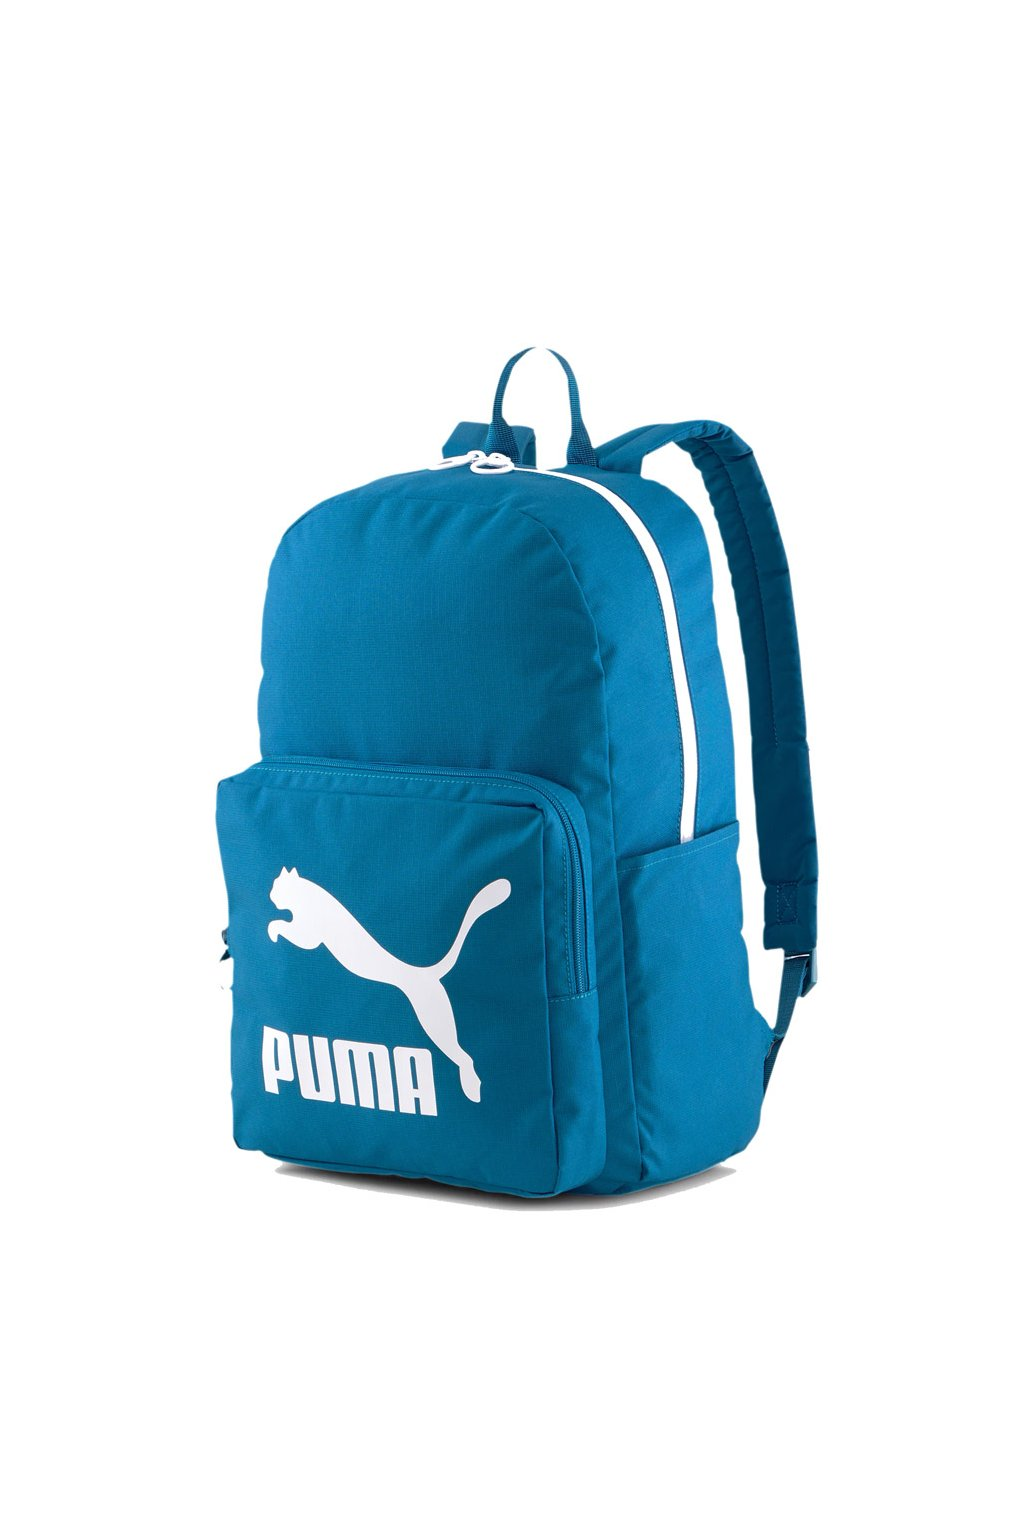 Batoh Puma Originals Backpack modrý 077353 02